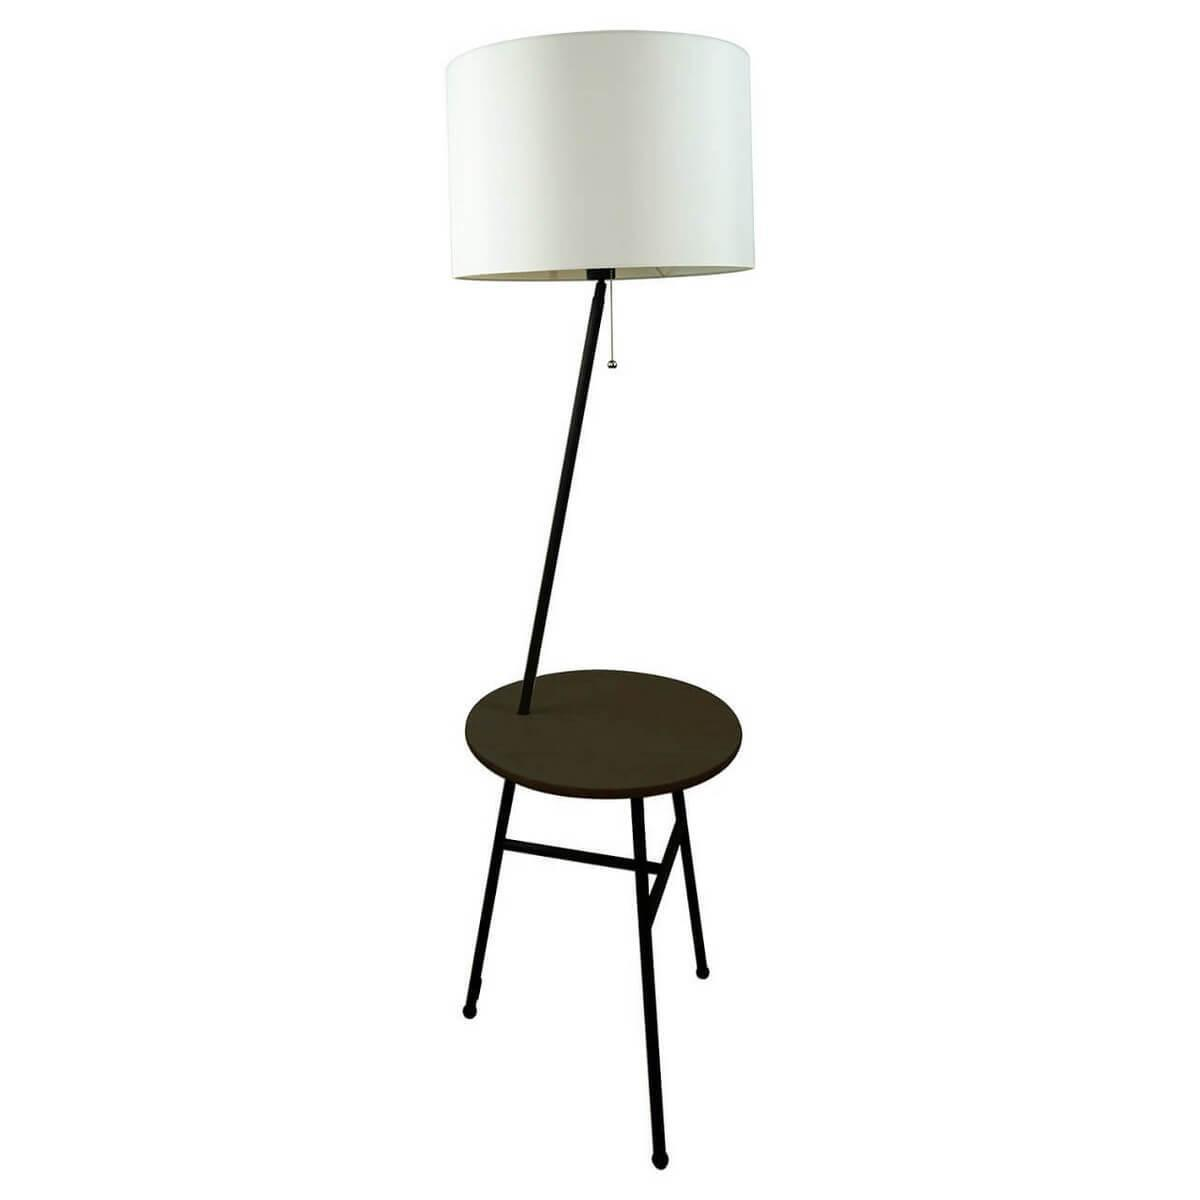 Напольный светильник Lussole LSP-9908, E27, 60 Вт